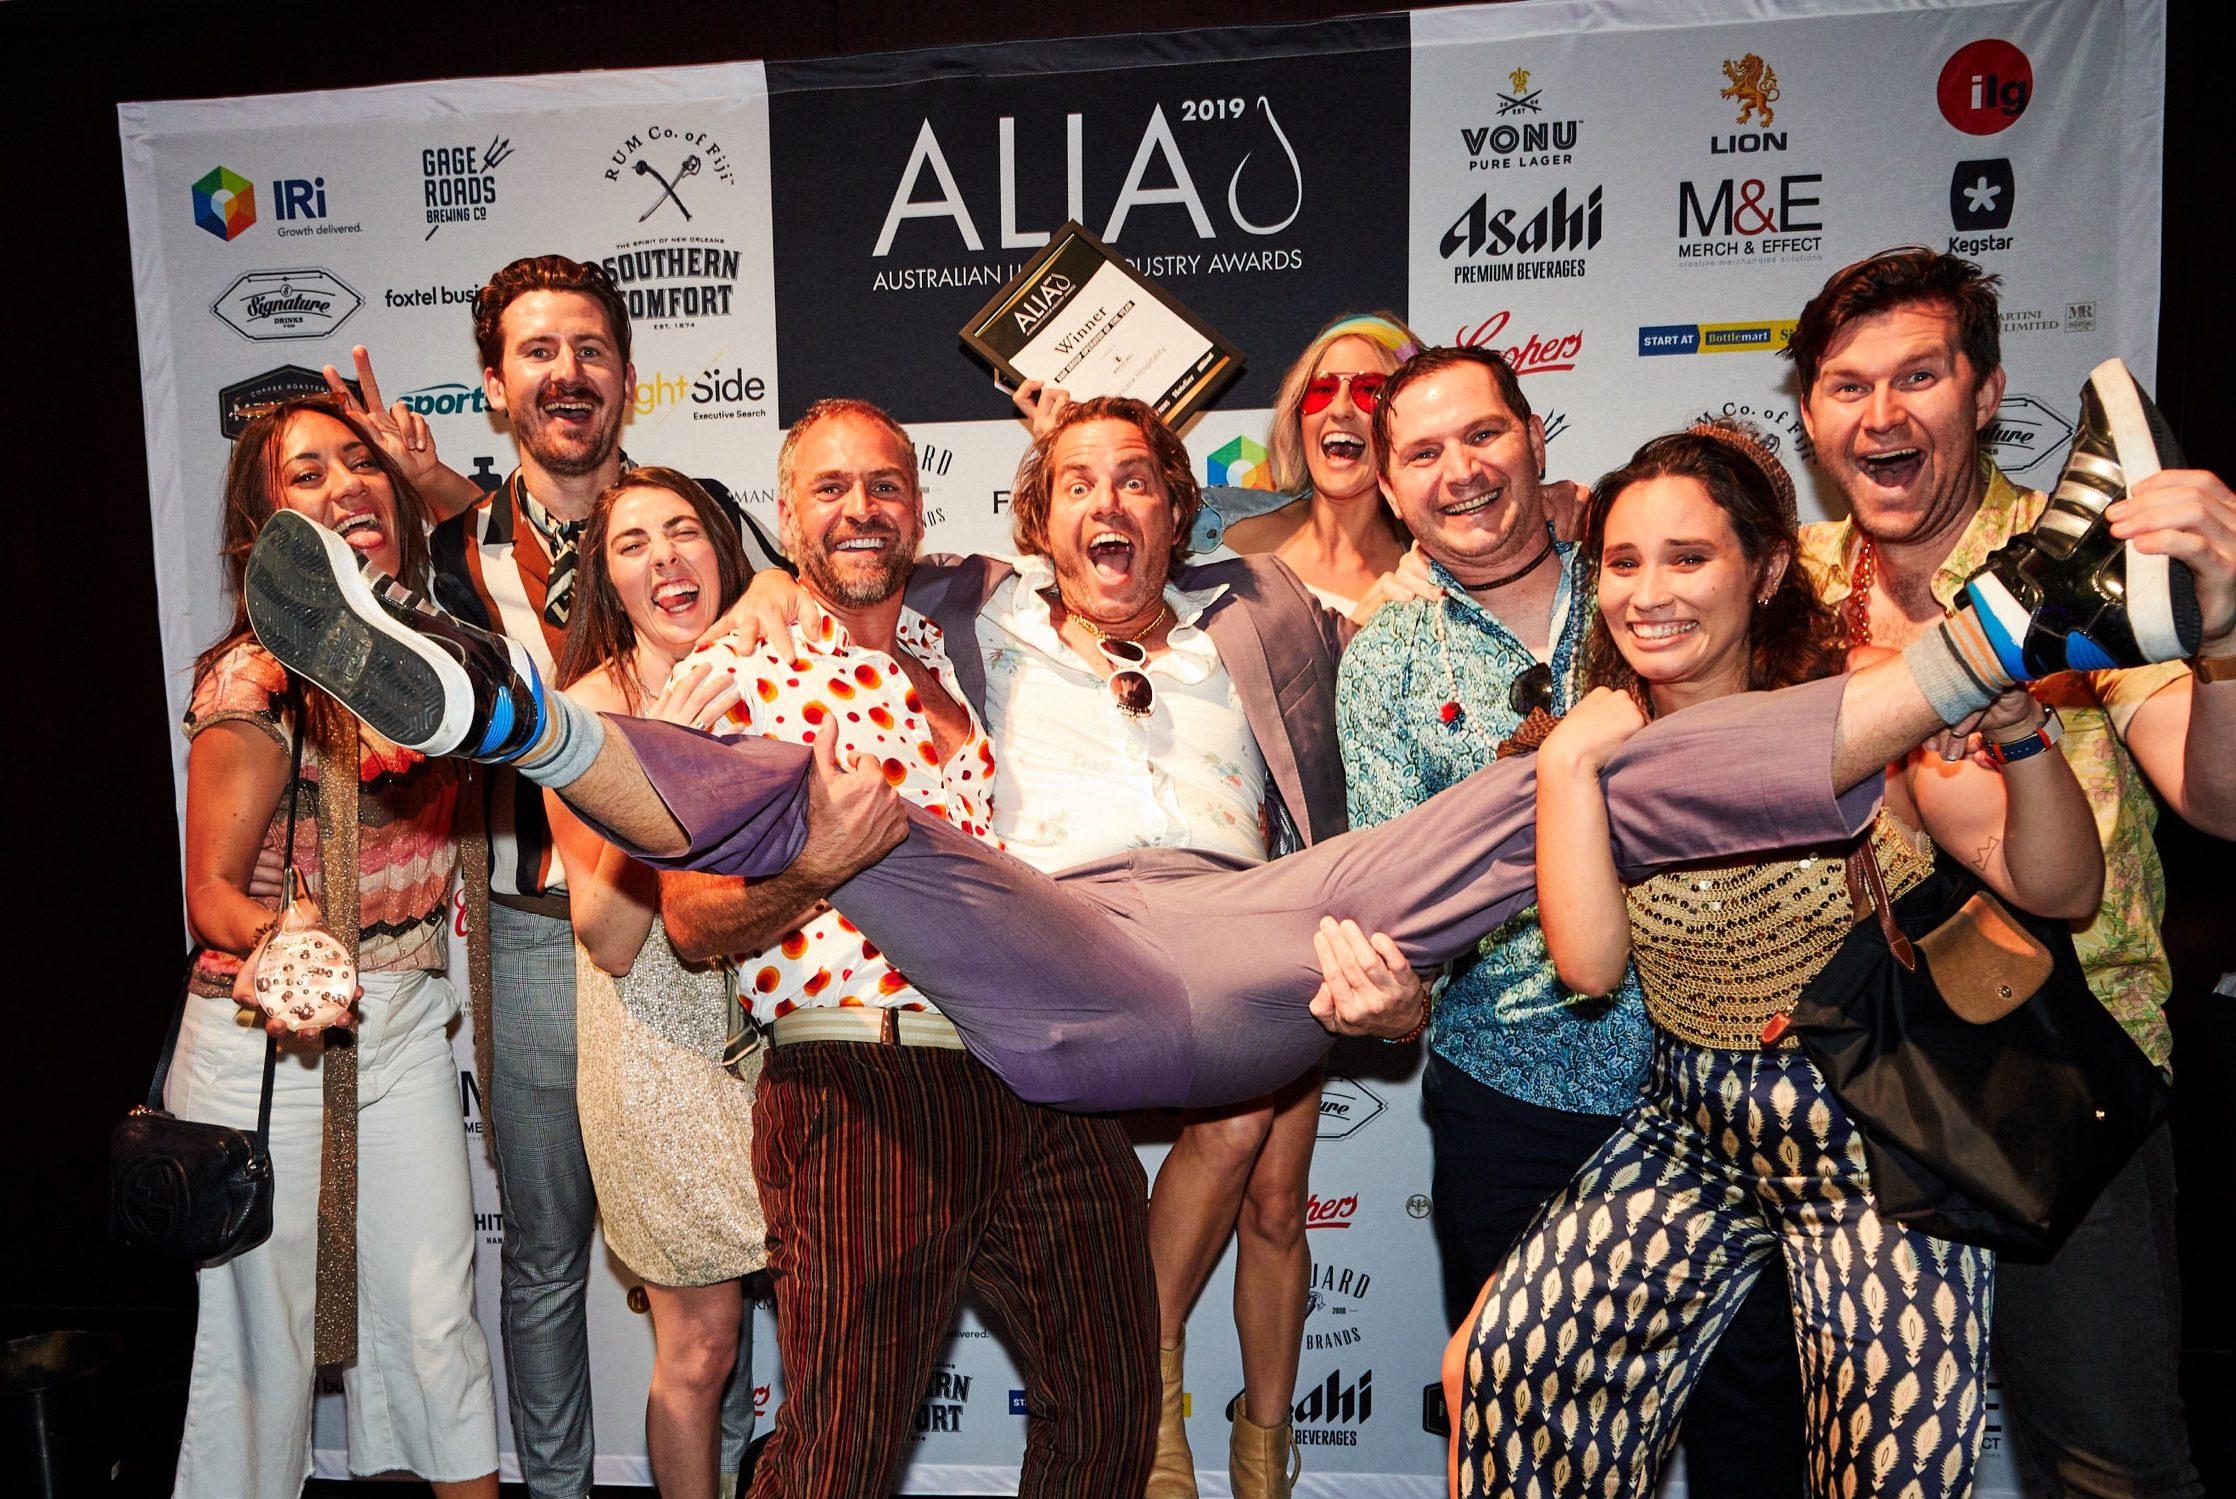 Alia Awards Applejack